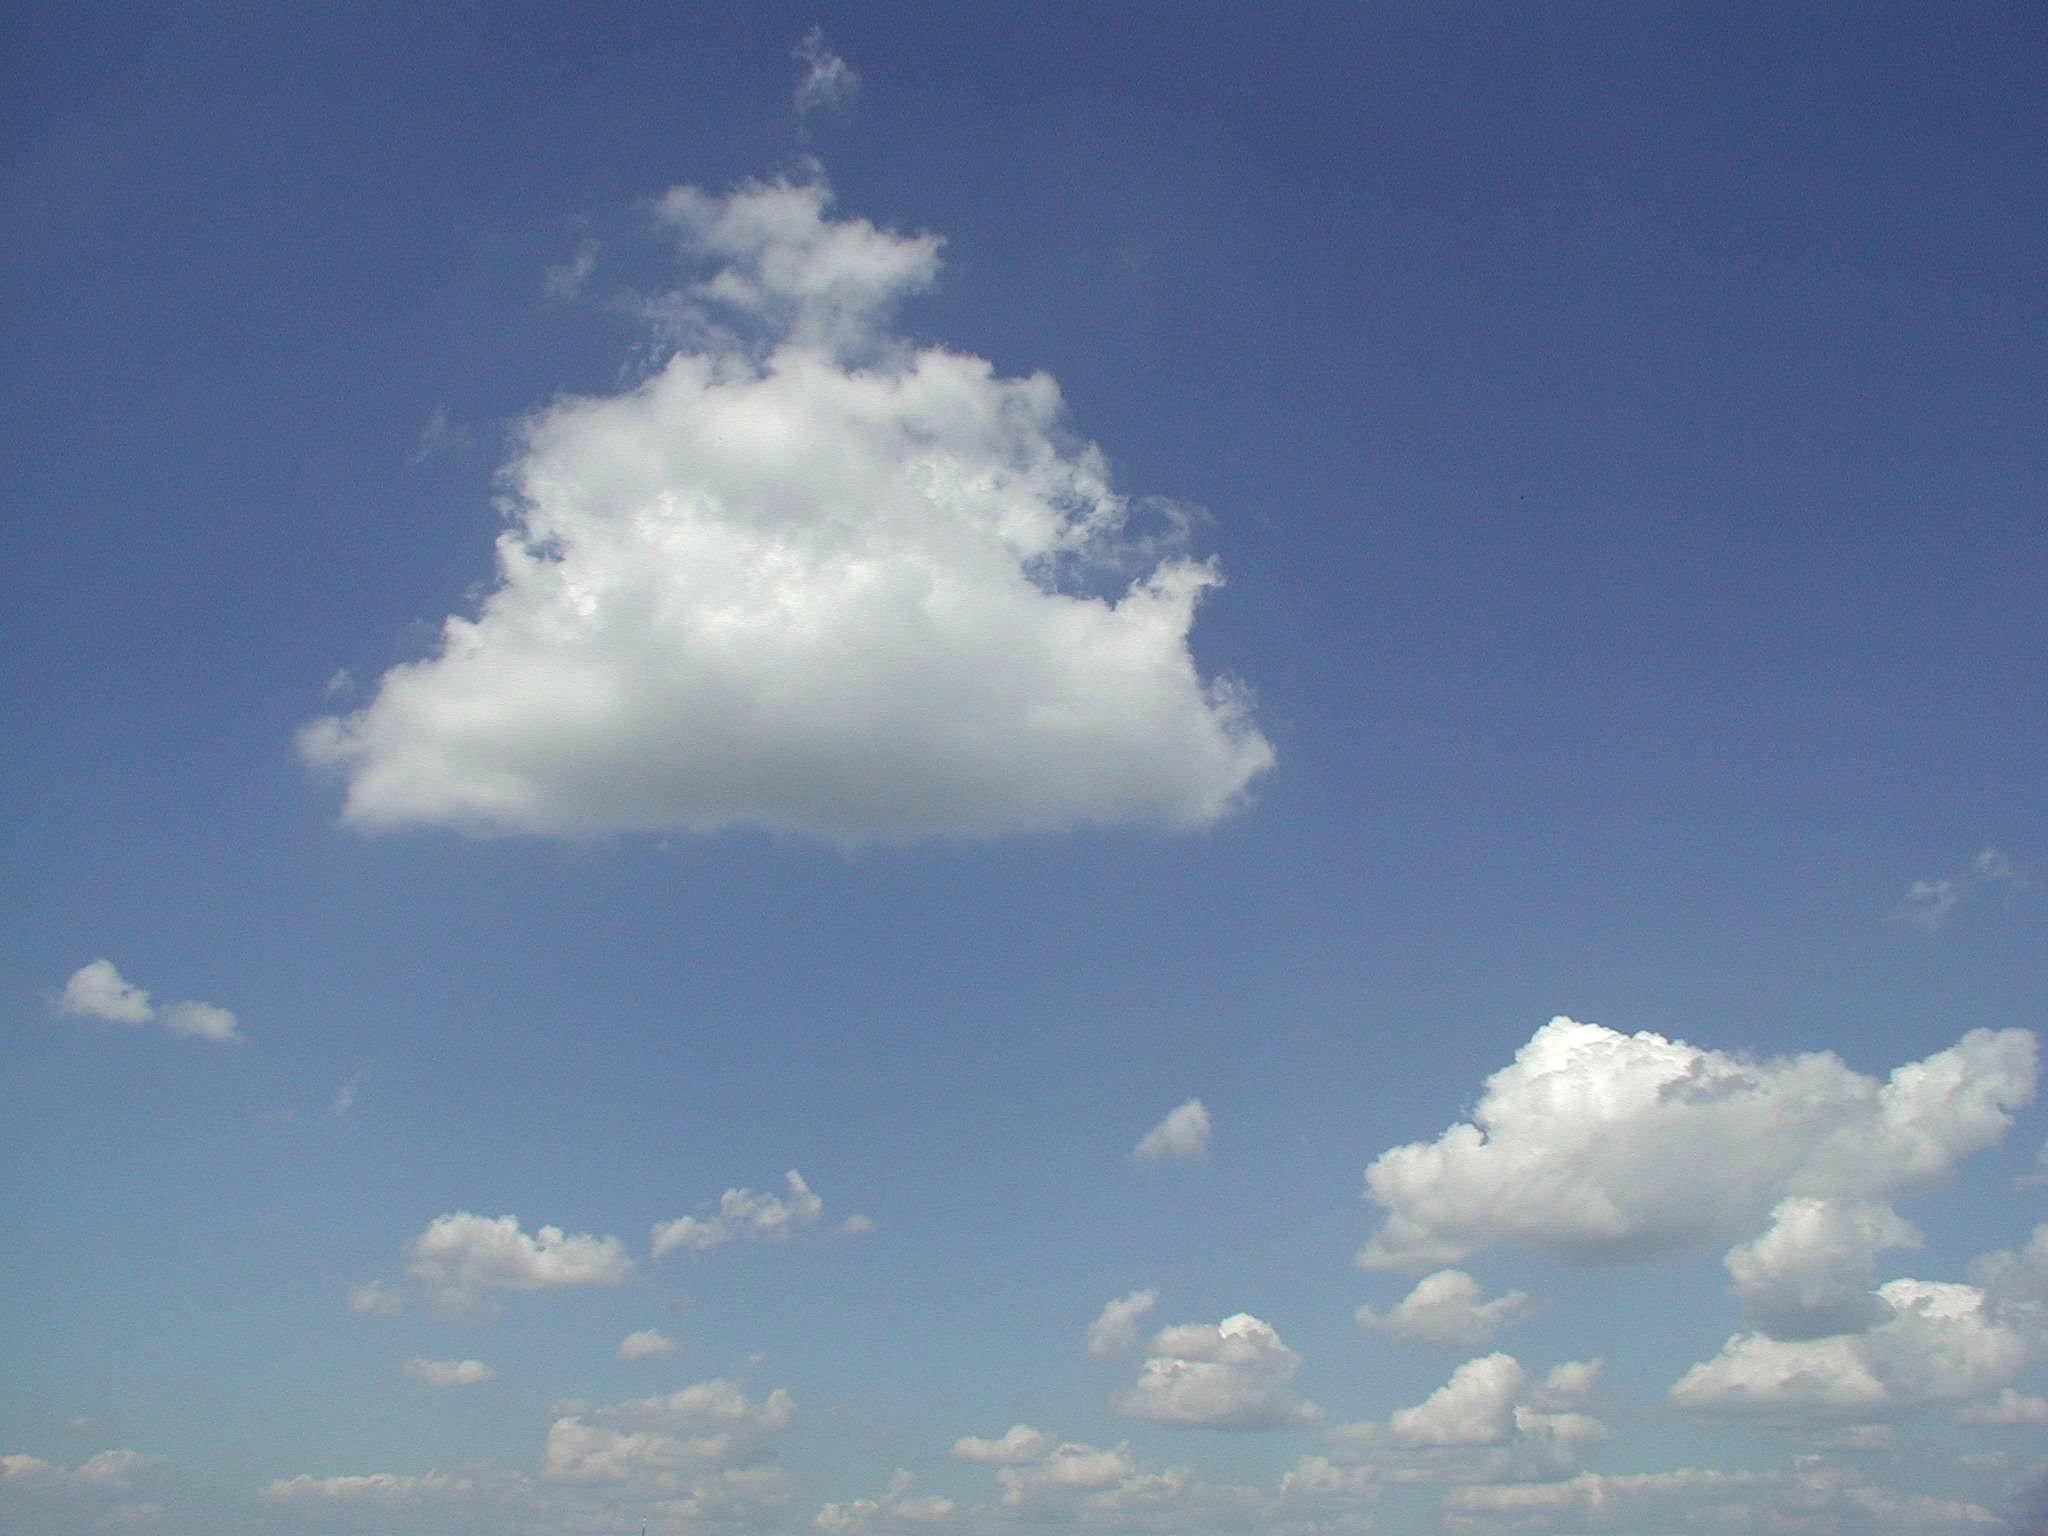 картинки мелкие облака работе цветами стразы